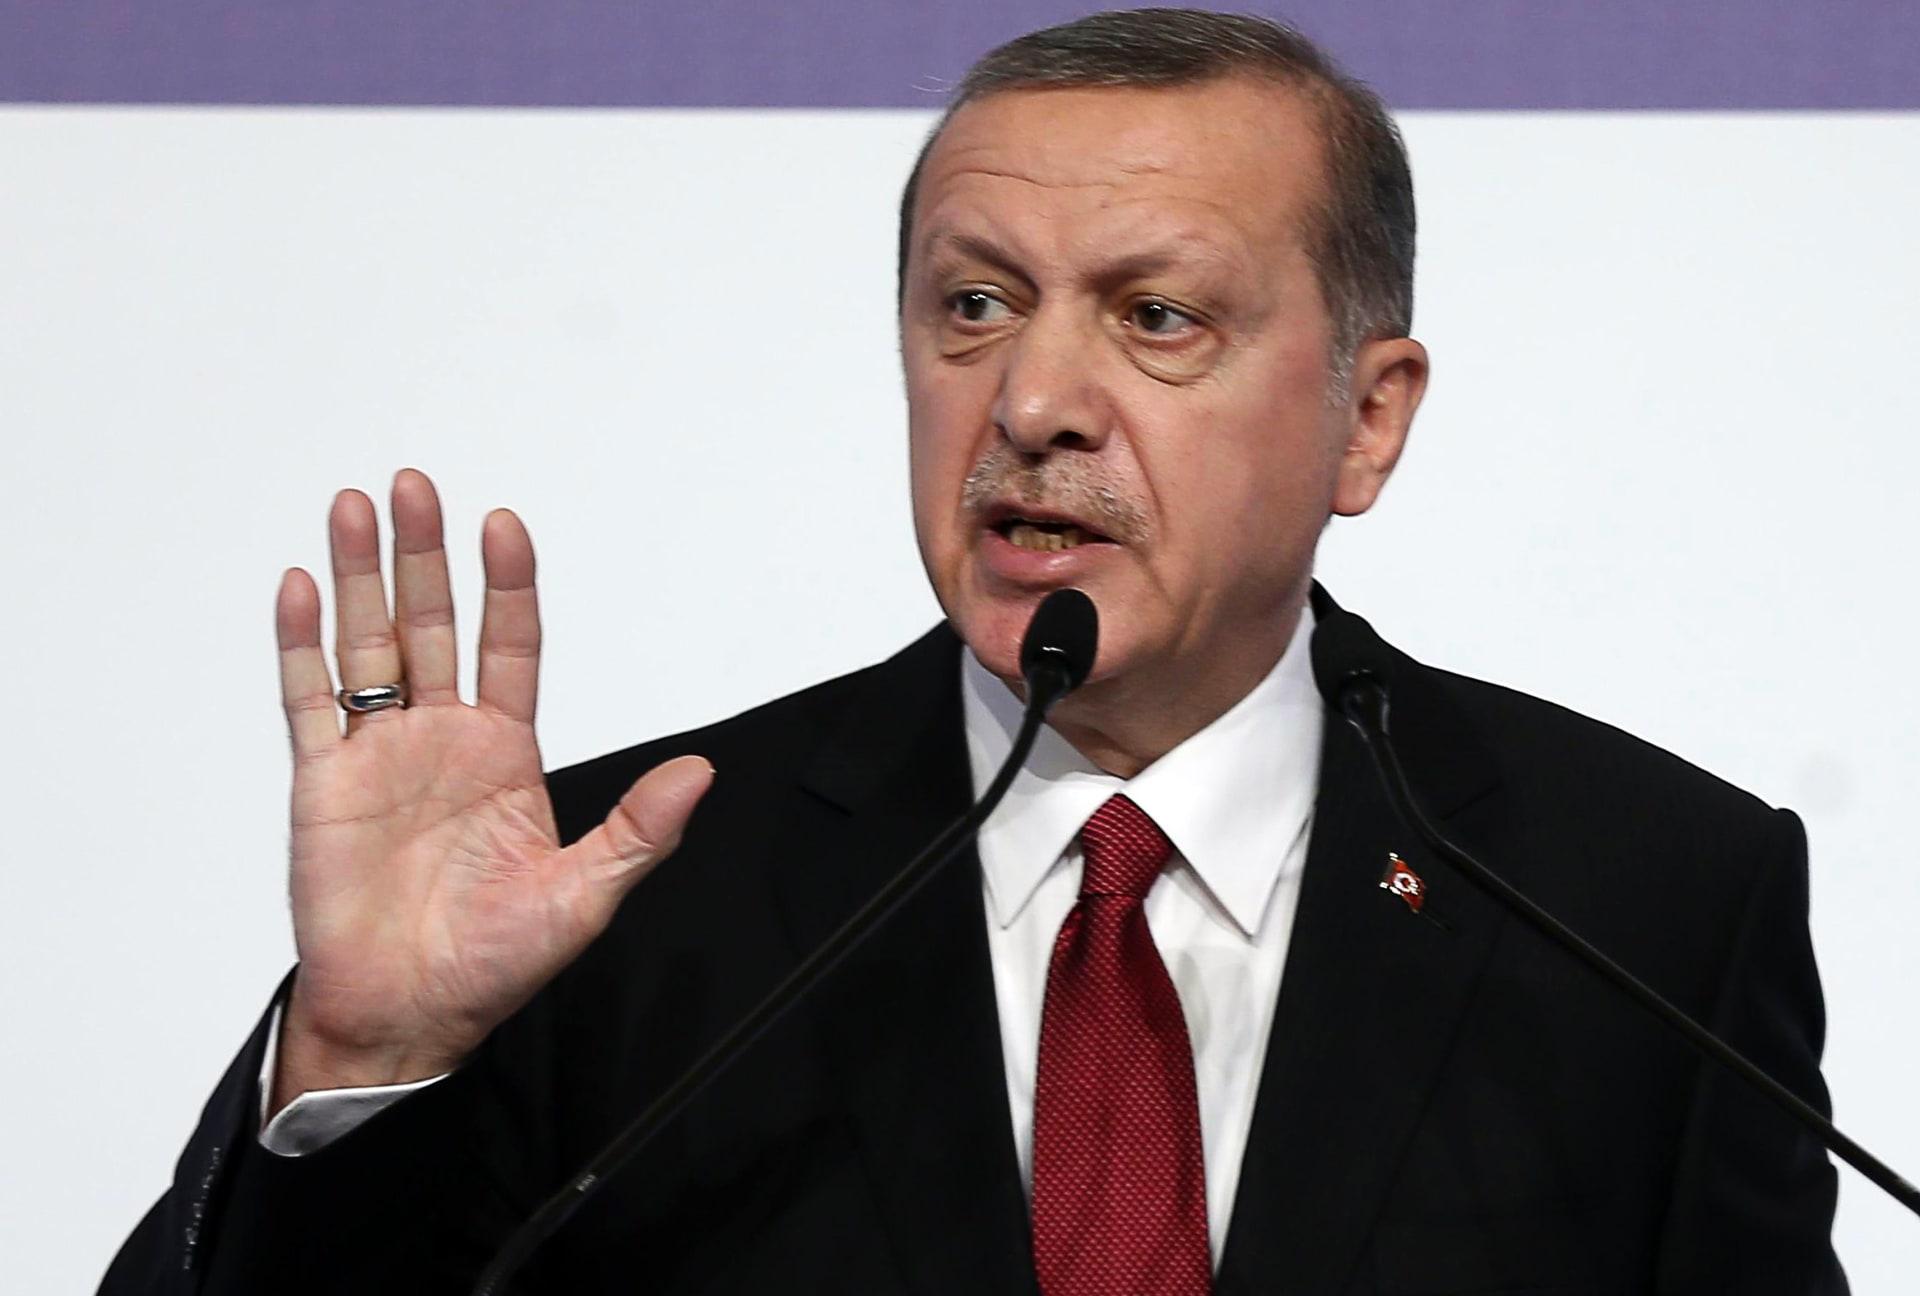 أردوغان: لا وجود لداعش بموقع تحليق الطائرة الروسية.. لن نسمح انتهاك حدودنا الآن وبالمستقبل